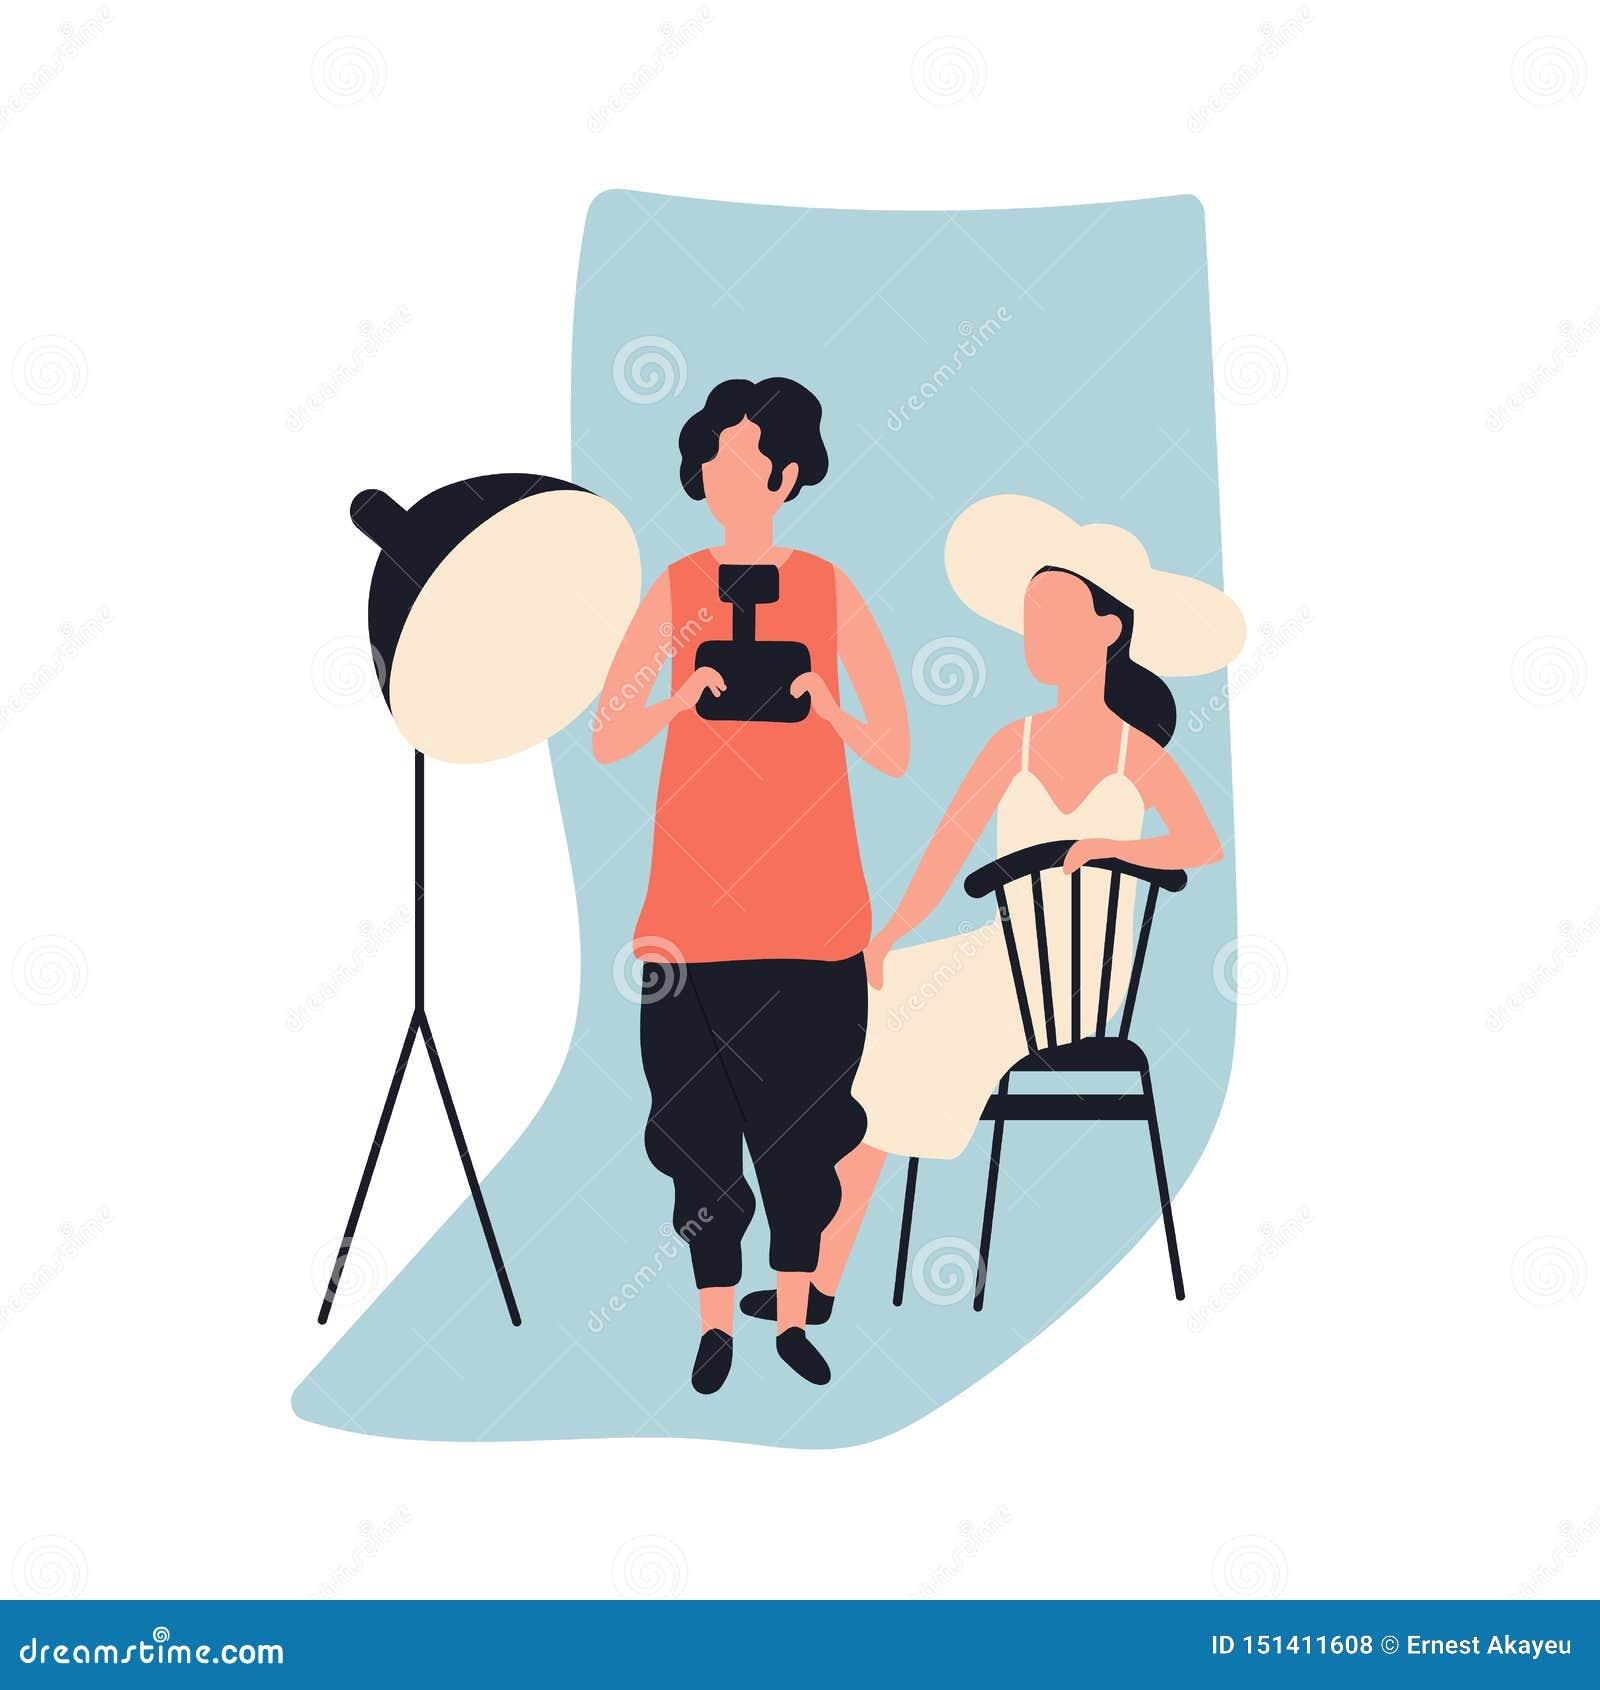 Professioneel vrouwelijk de fotocamera en model van de fotograafholding bij fotografisch studiohoogtepunt van fotografiemateriaal